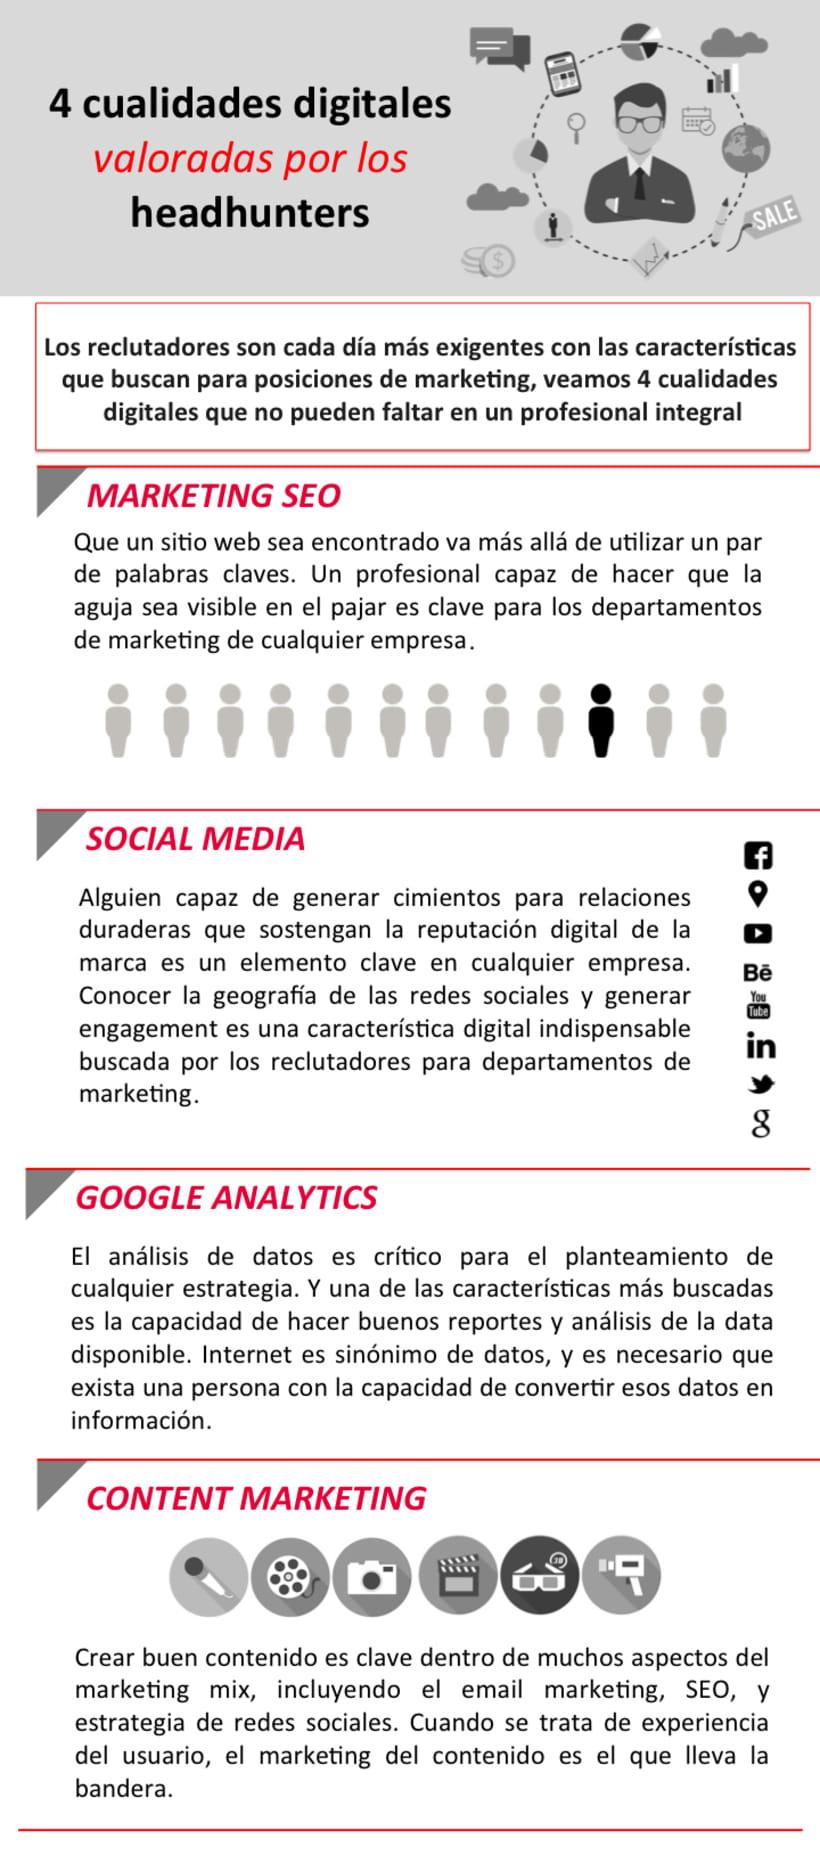 4 cualidades digitales valoradas por los headhunters. Por EAE Business School. 0